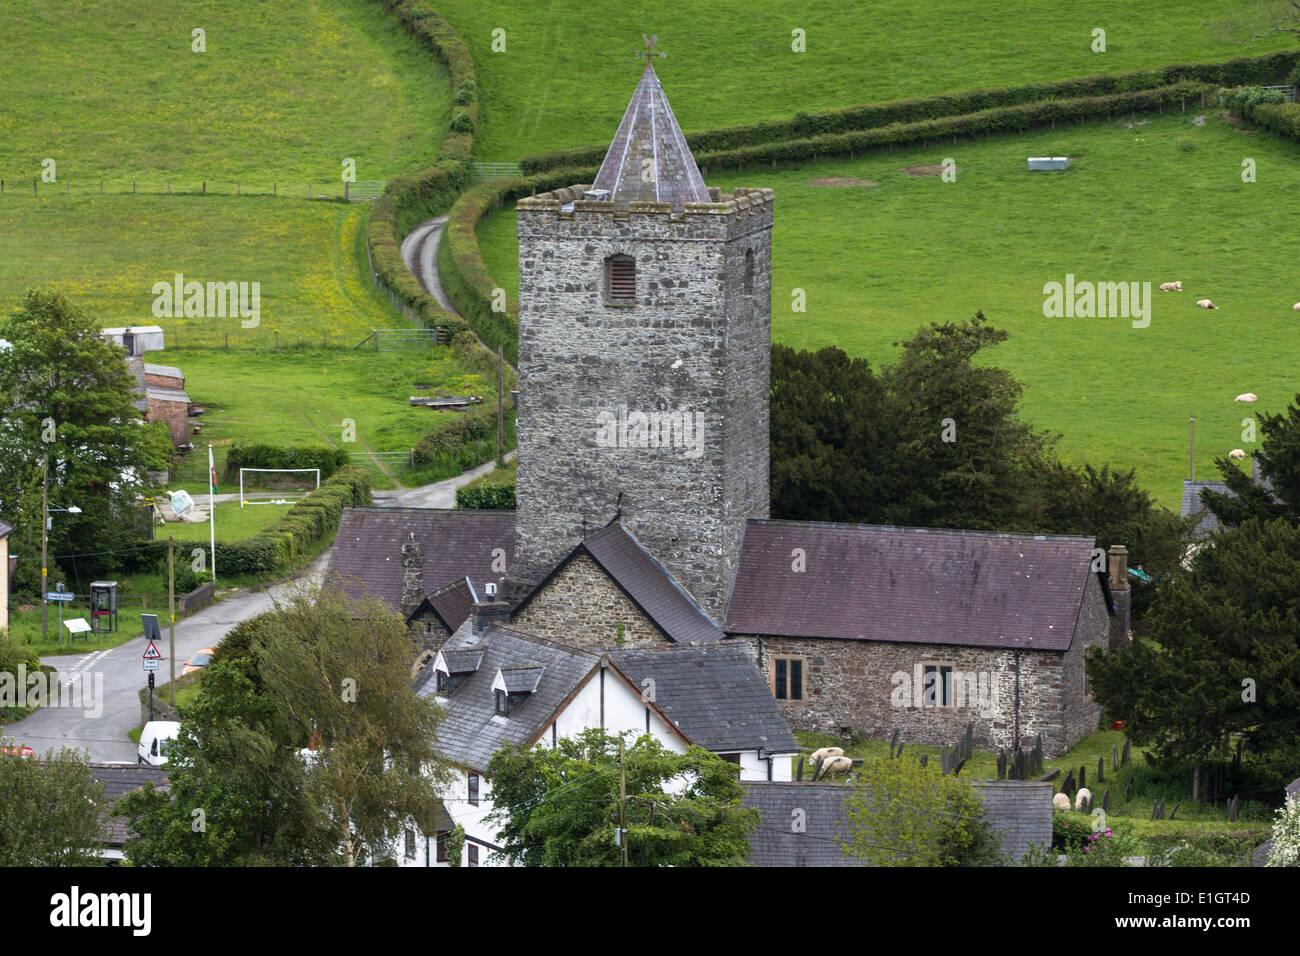 Llanfihangel-y-creuddyn village and church, Ceredigion - Stock Image